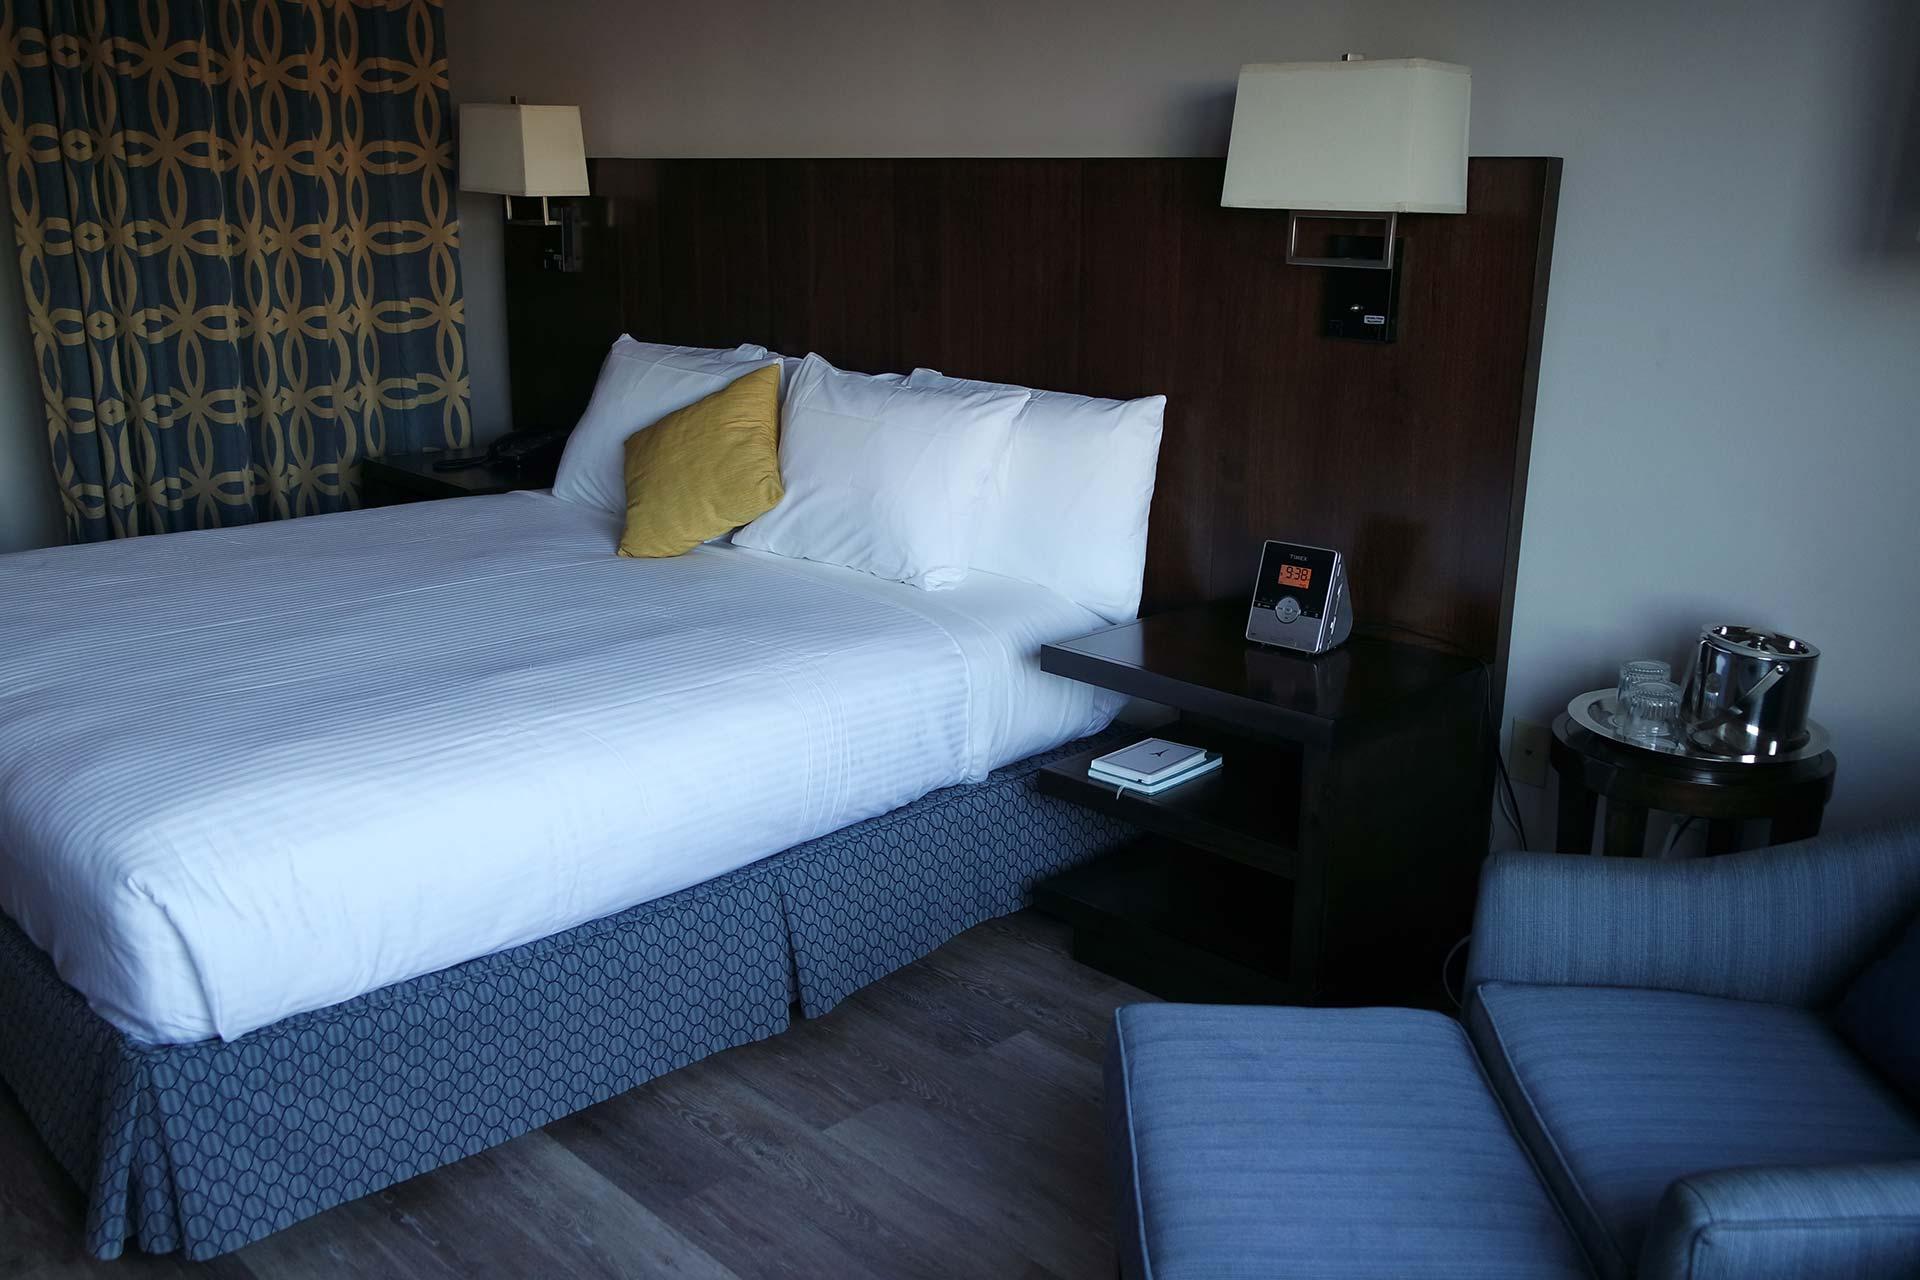 Hotels In Rahway Nj Watt Hotel